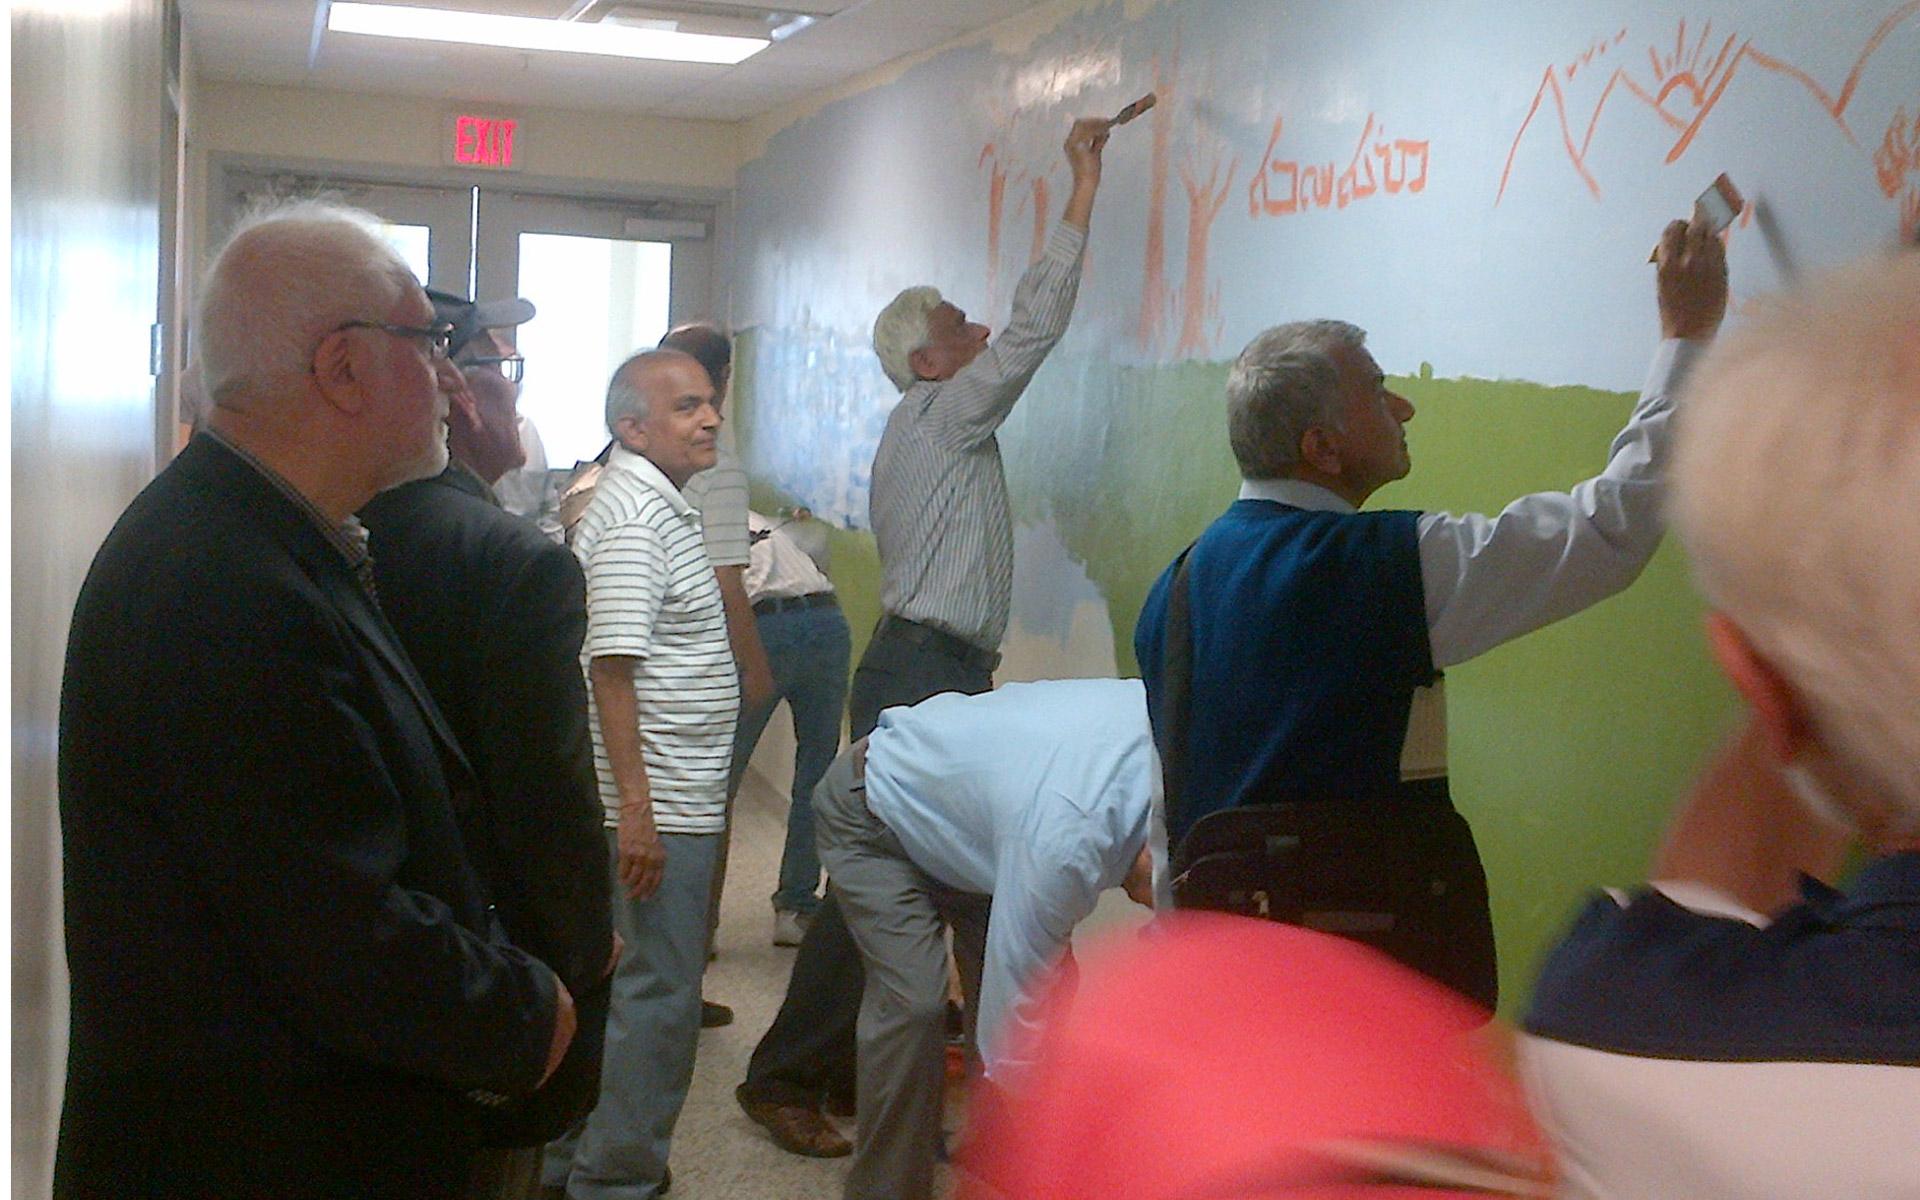 Seniors helping to paint Murals